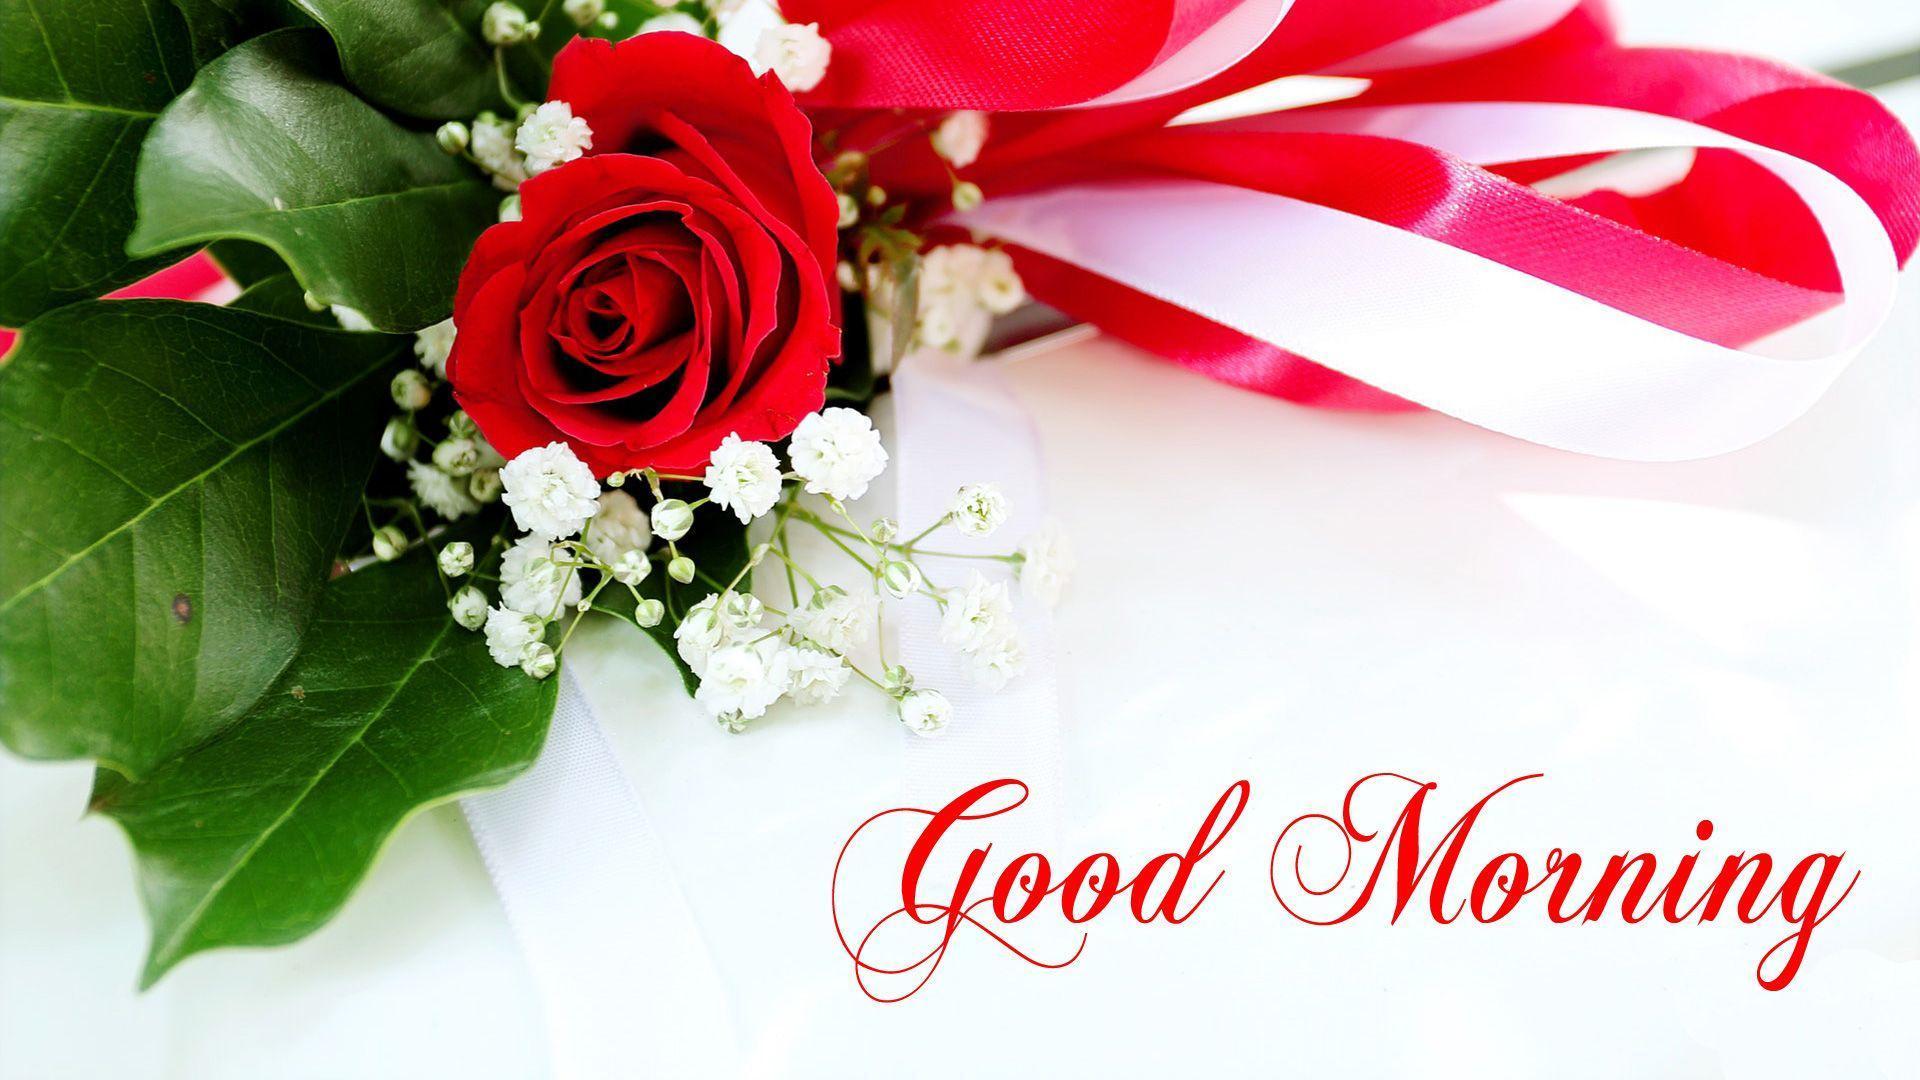 1920x1080 Good Morning HD Hình nền